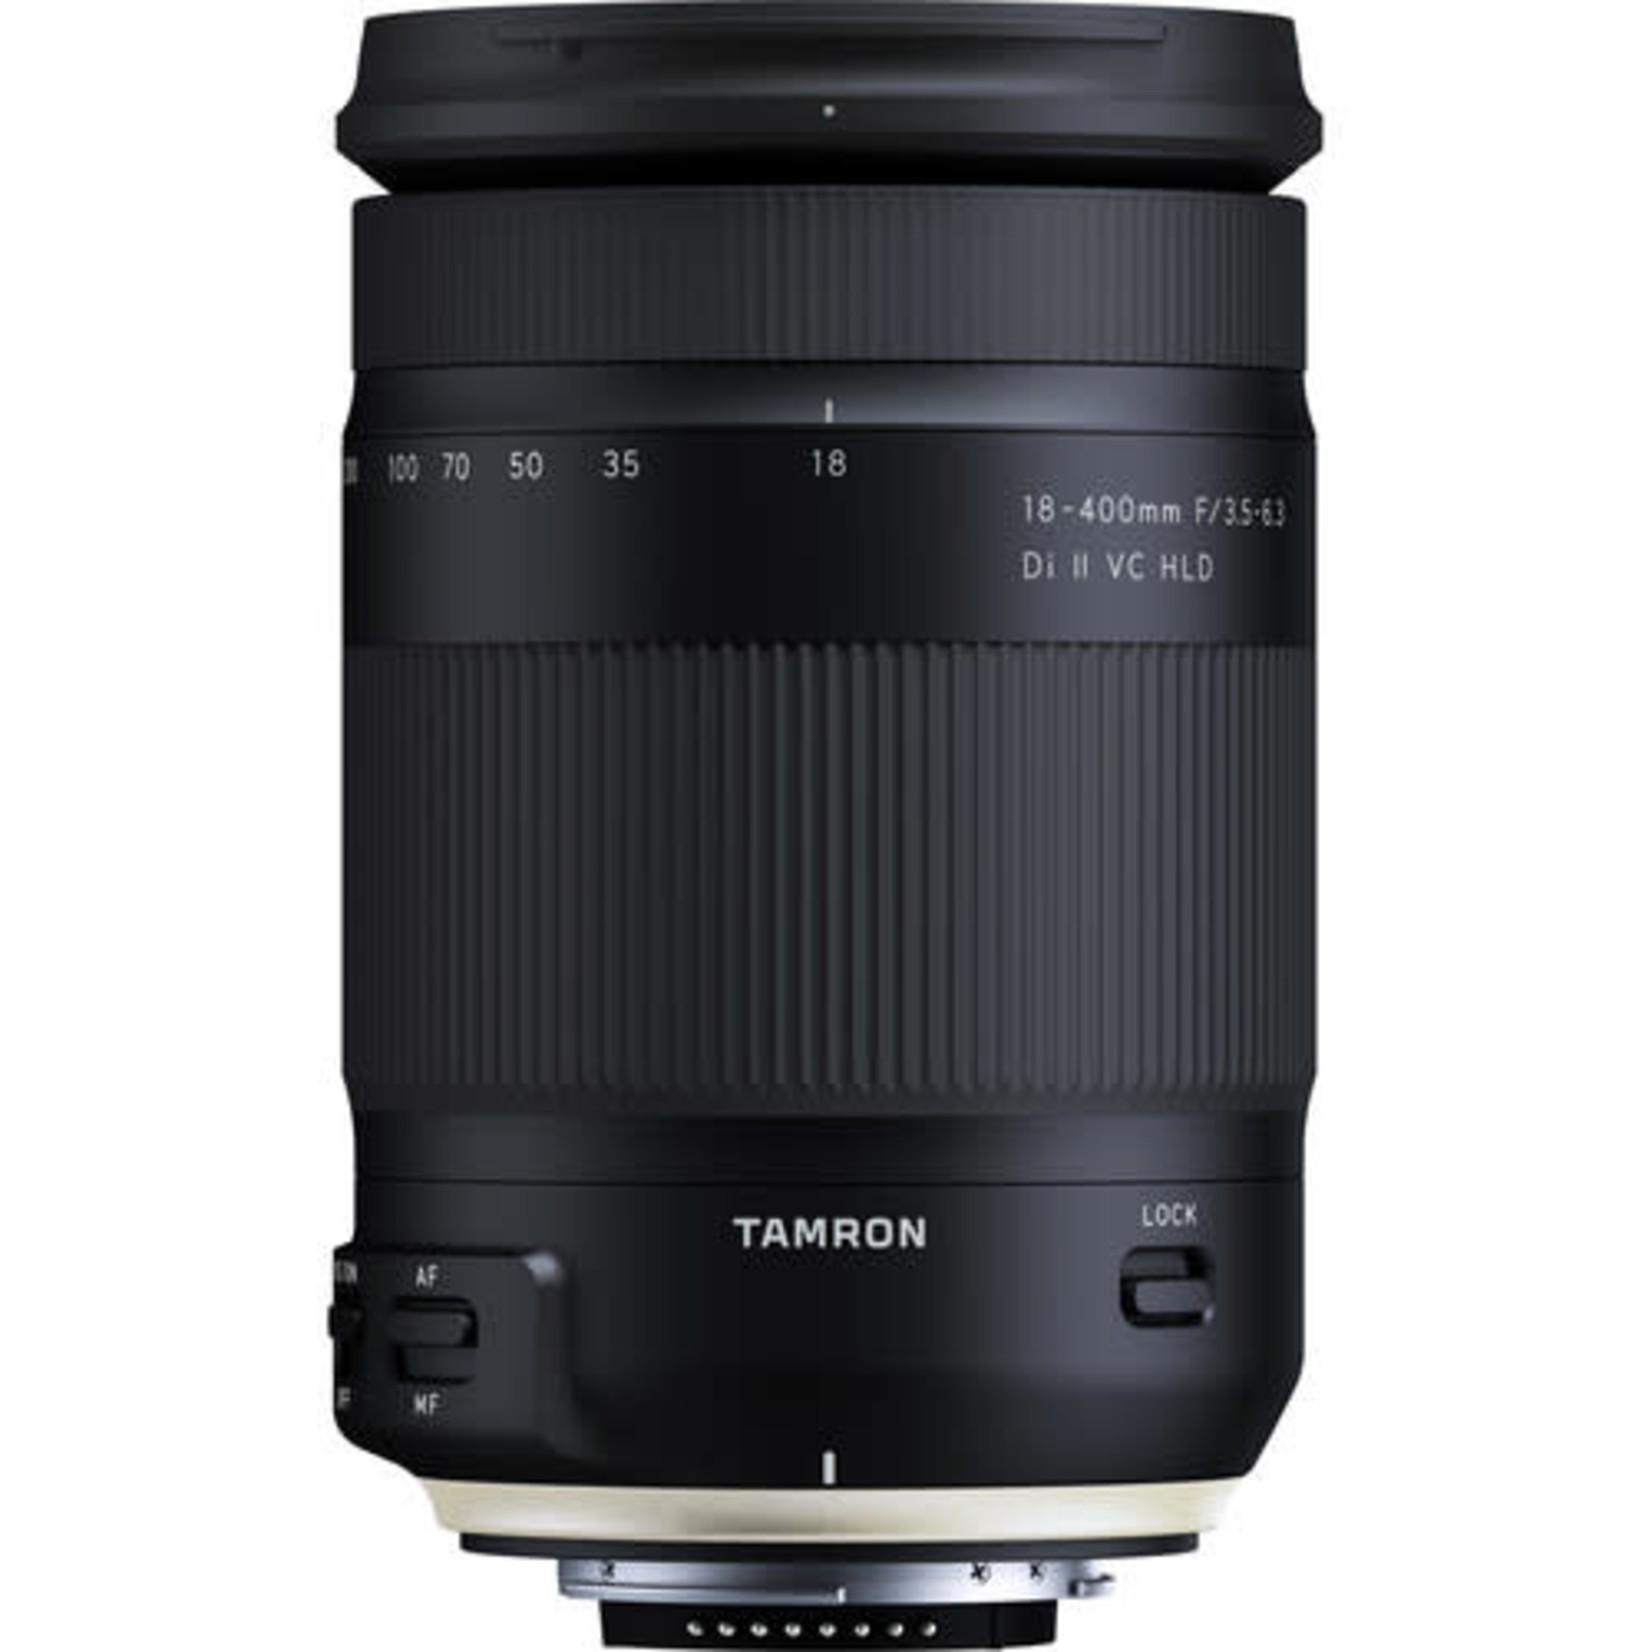 Tamron Tamron 18-400mm f/3.5-6.3 Di II VC HLD Lens for Nikon F